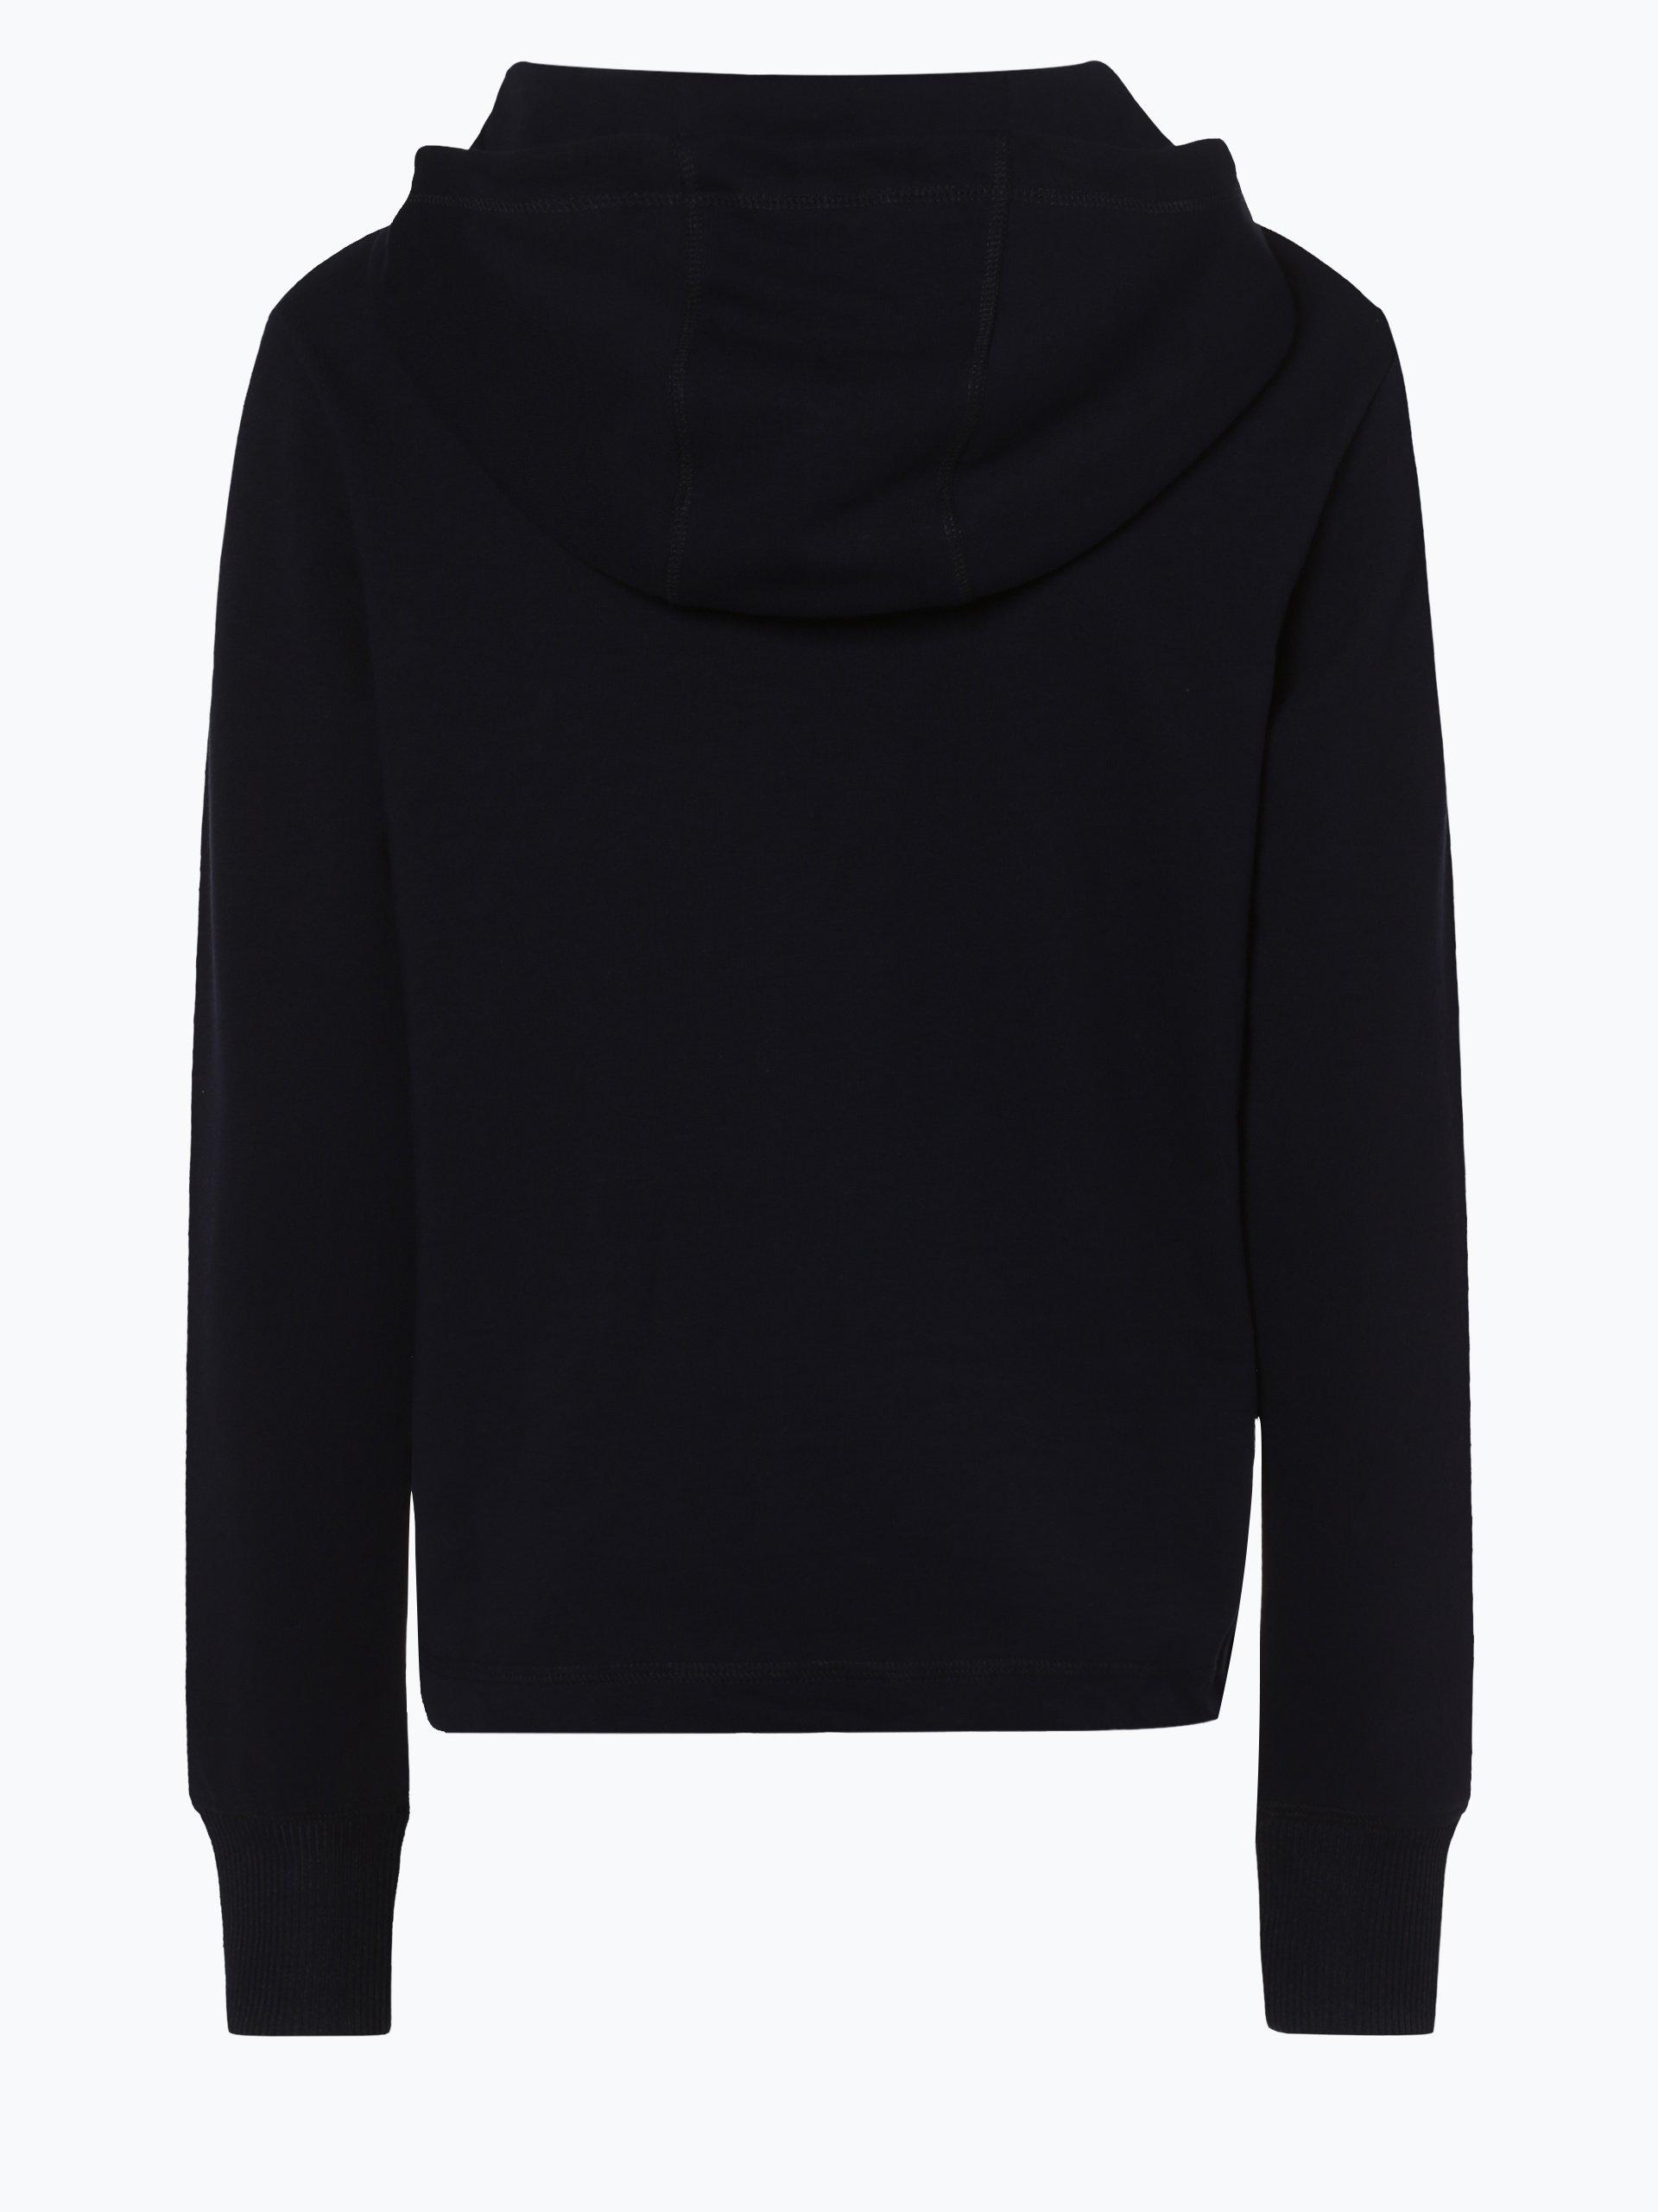 Marie Lund Sport Damen Sweatshirt